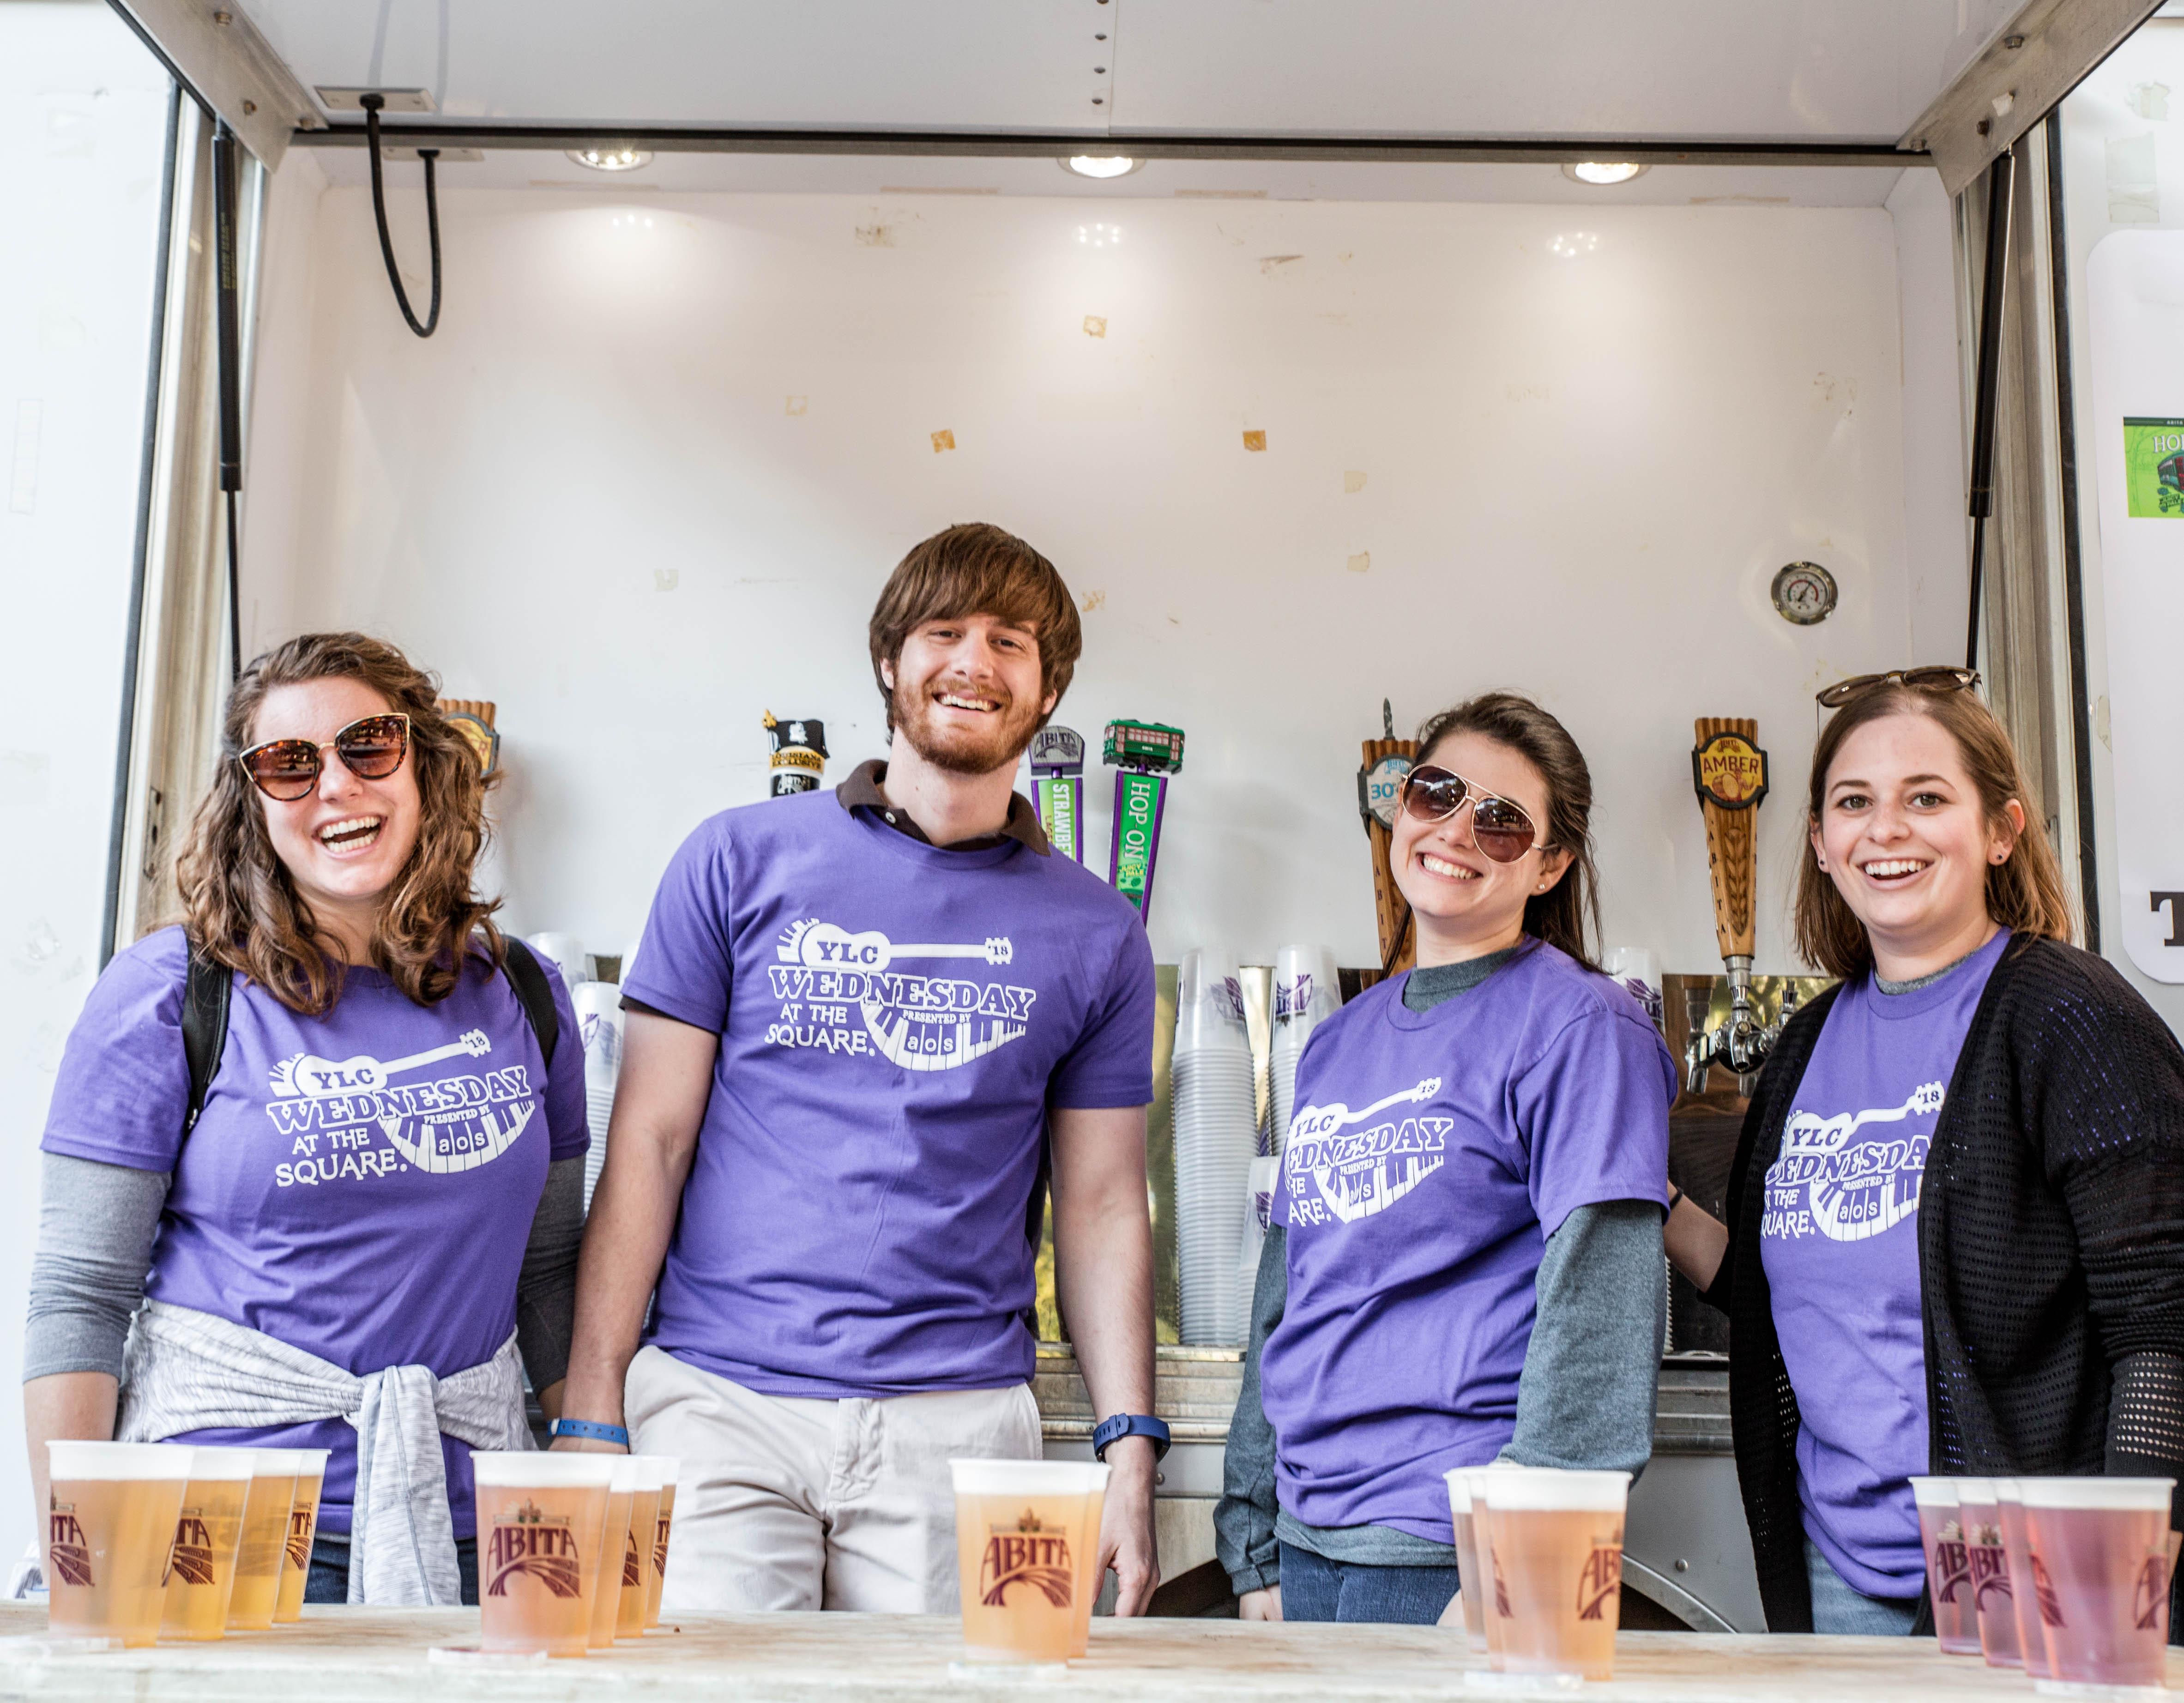 WATS beer volunteers